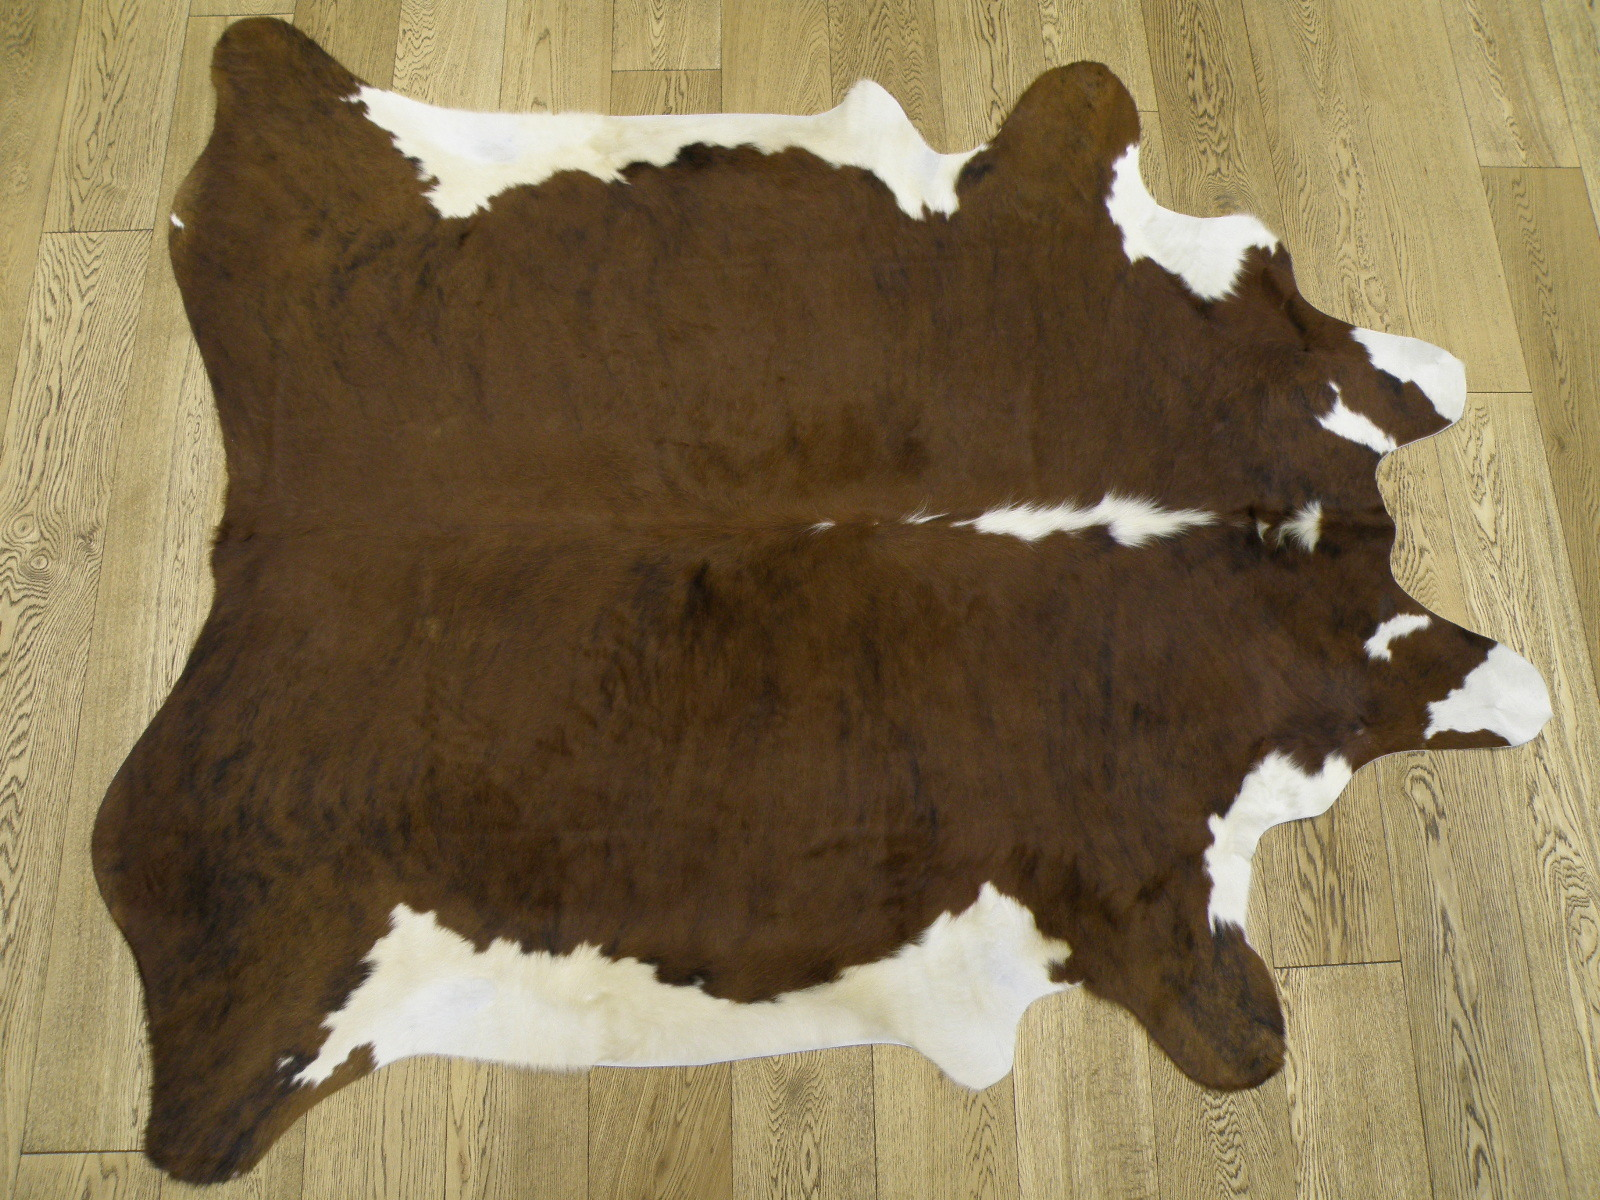 Шкура коровы экзотик с белым животом и хребтом арт.: 24416